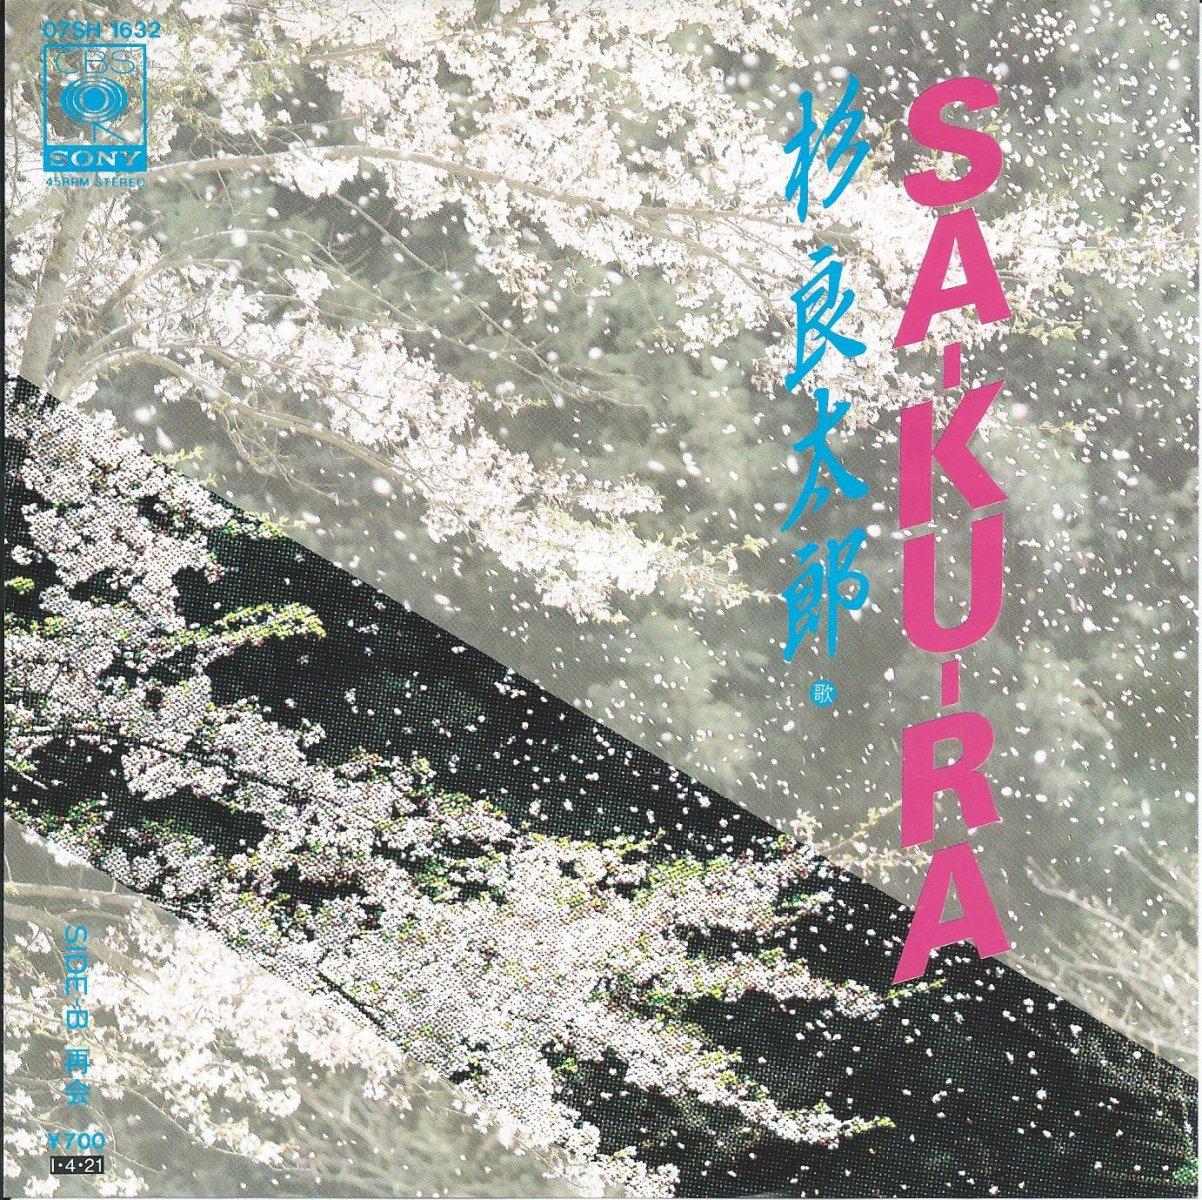 杉良太郎 RYOTARO SUGI / SAKURA / 再会 (後藤次利) (7